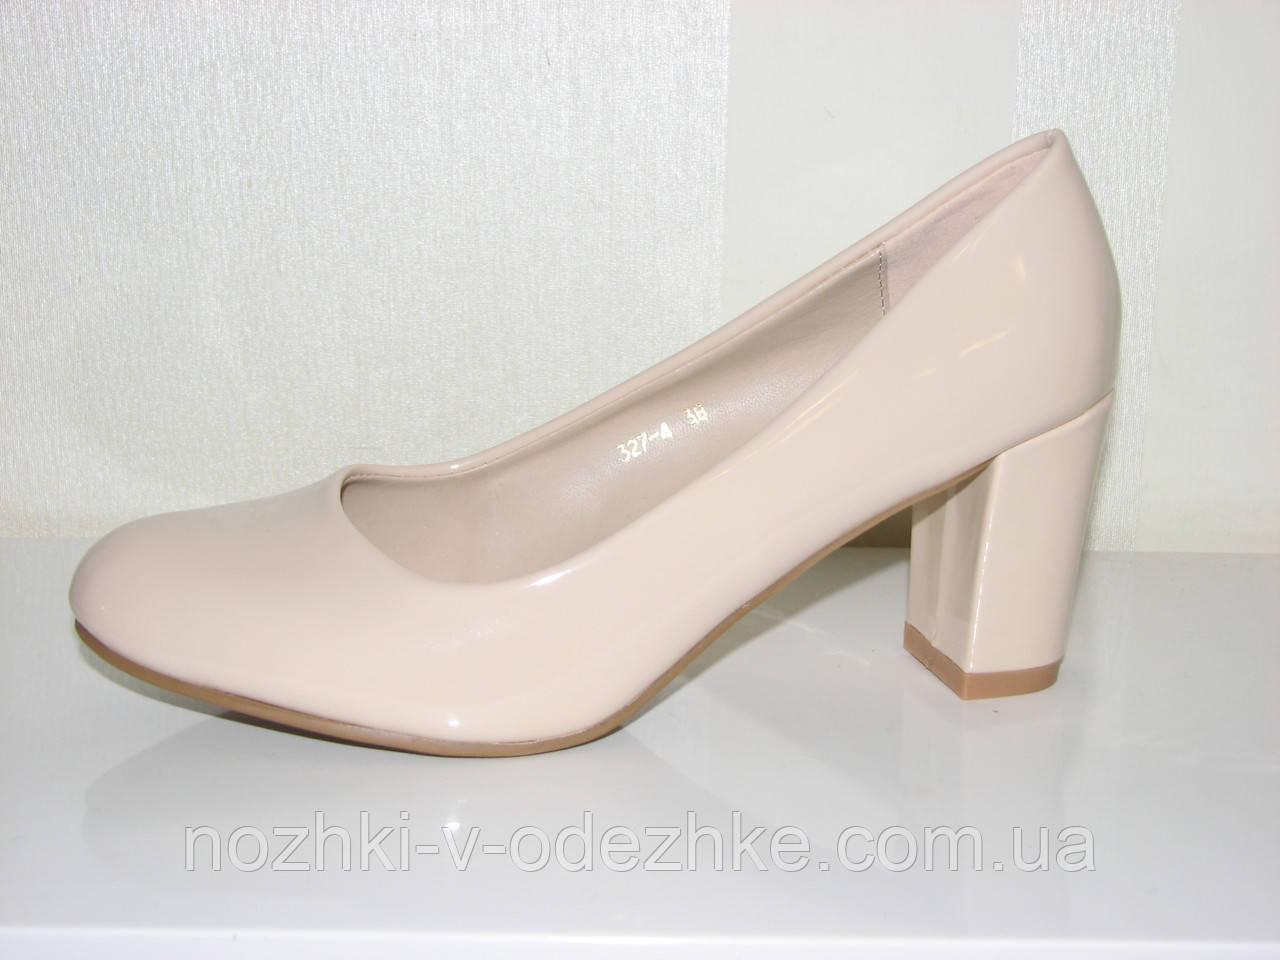 fb9523e5e9f8a6 Бежевые лаковые туфли на выпускной на устойчивом каблуке 35р 36 р -  Интернет магазин